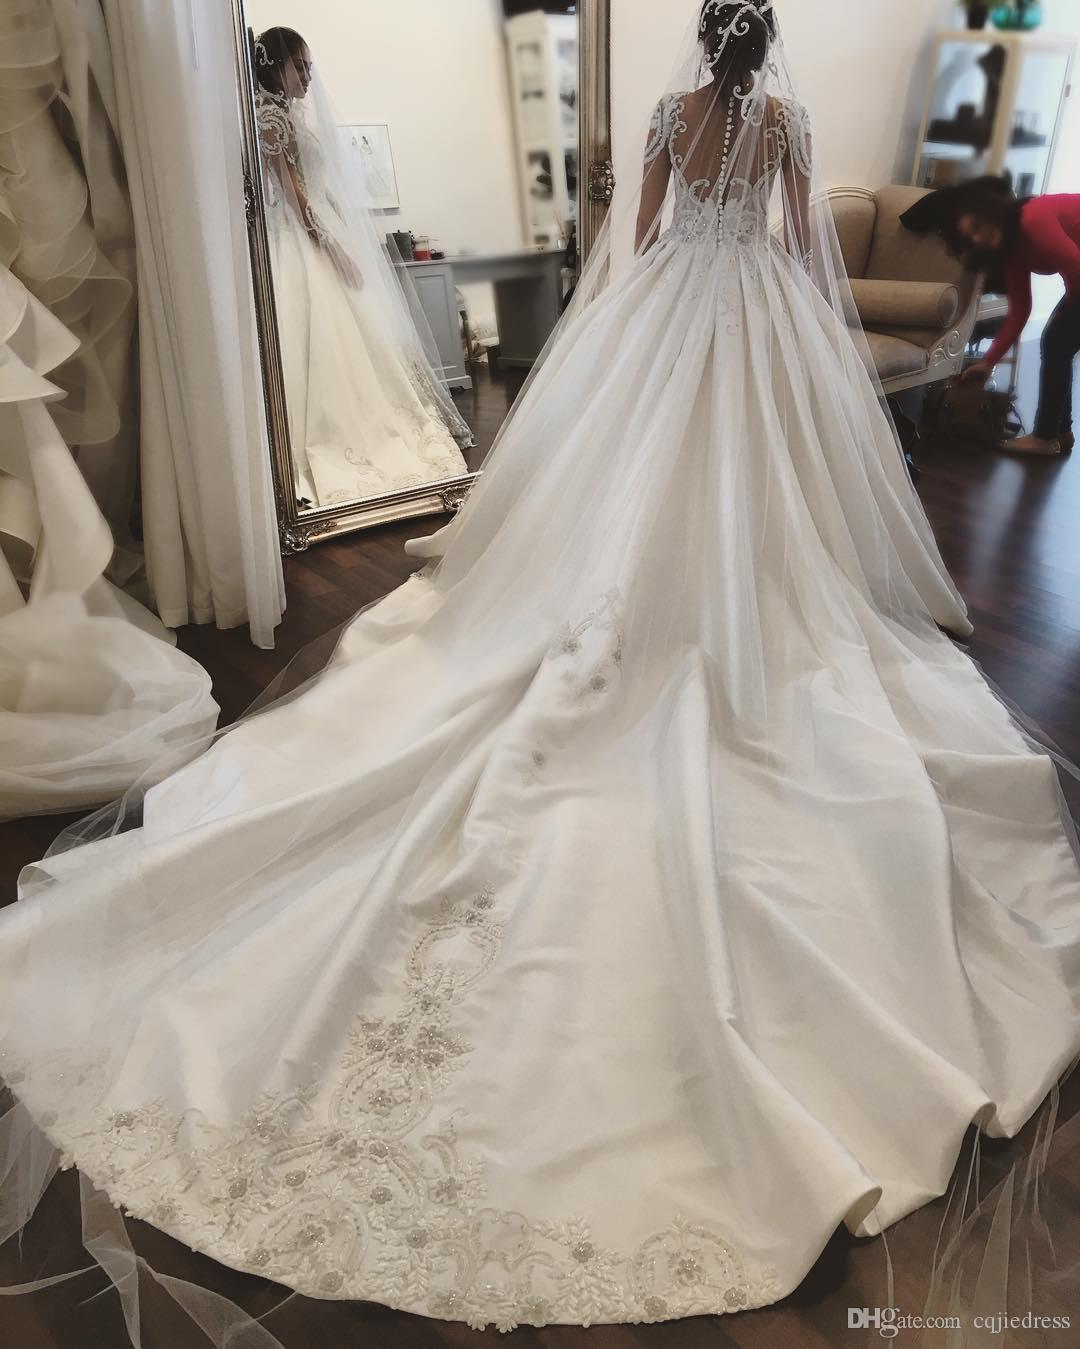 2019 Nuevo manga larga vestidos de novia aplique de encaje cristal cuello sheer shirts vestidos de novia tren satinado más tamaño vestido de novia 2018